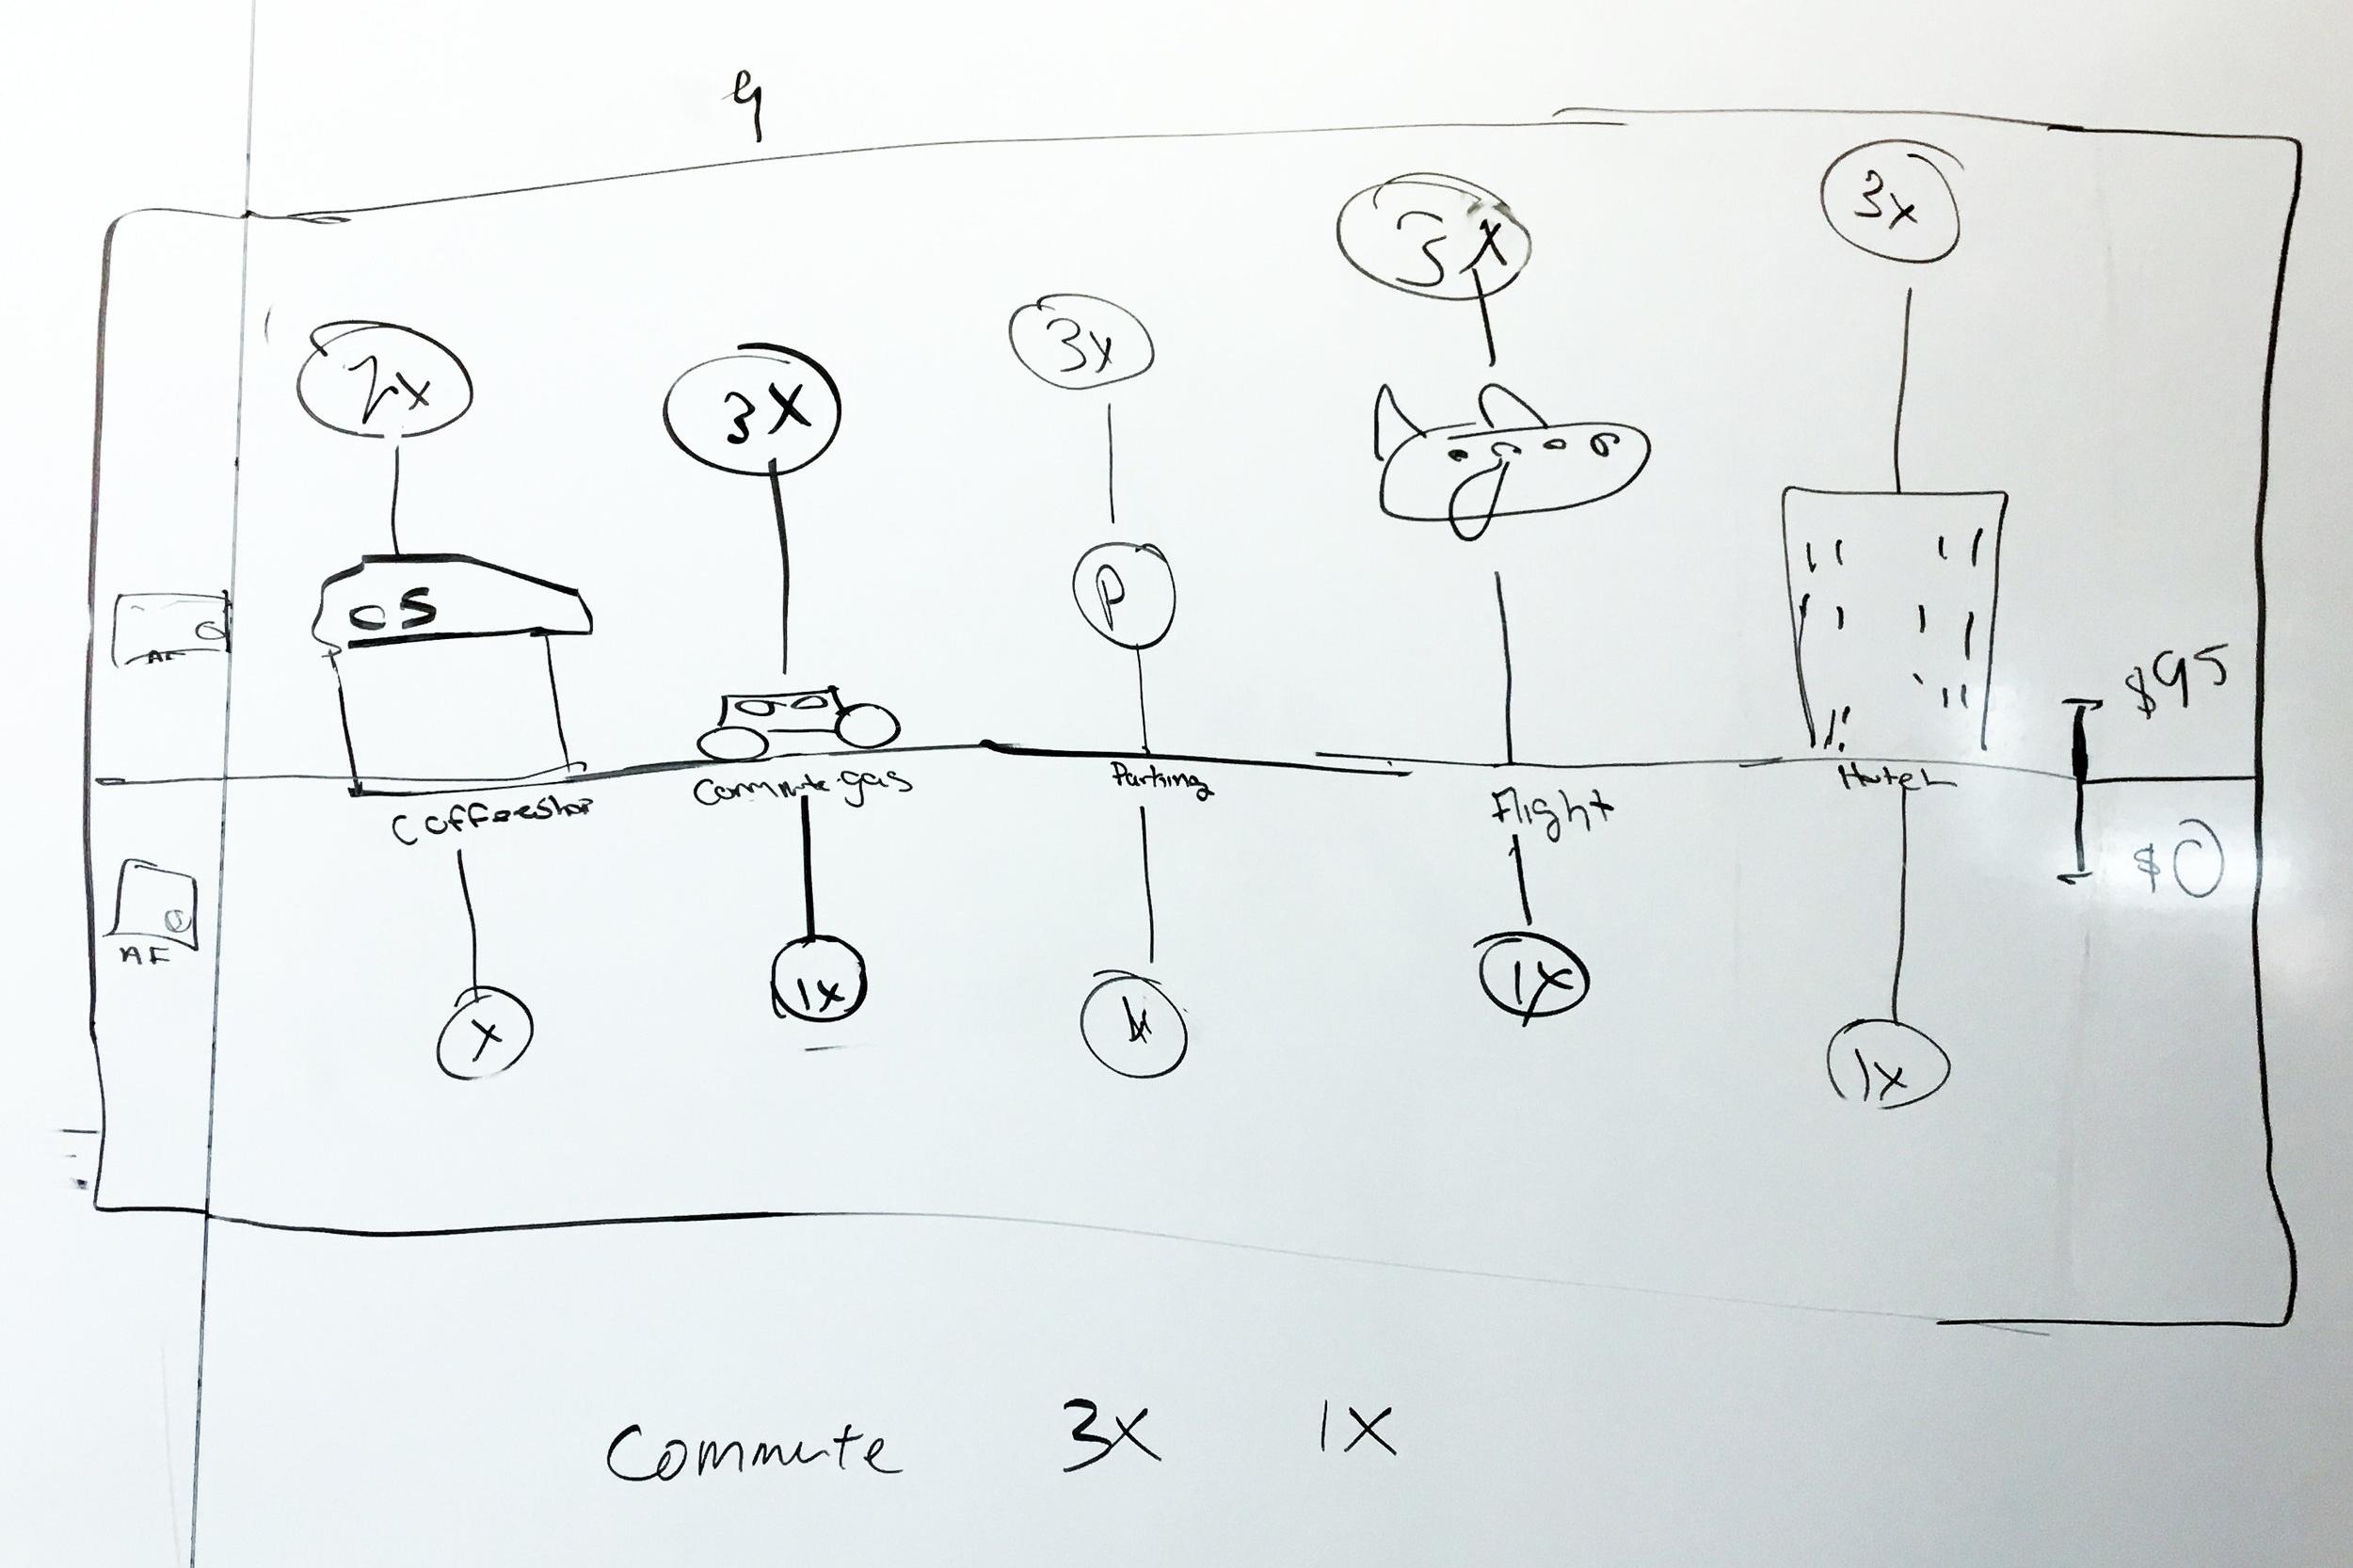 00-Sketch.jpg